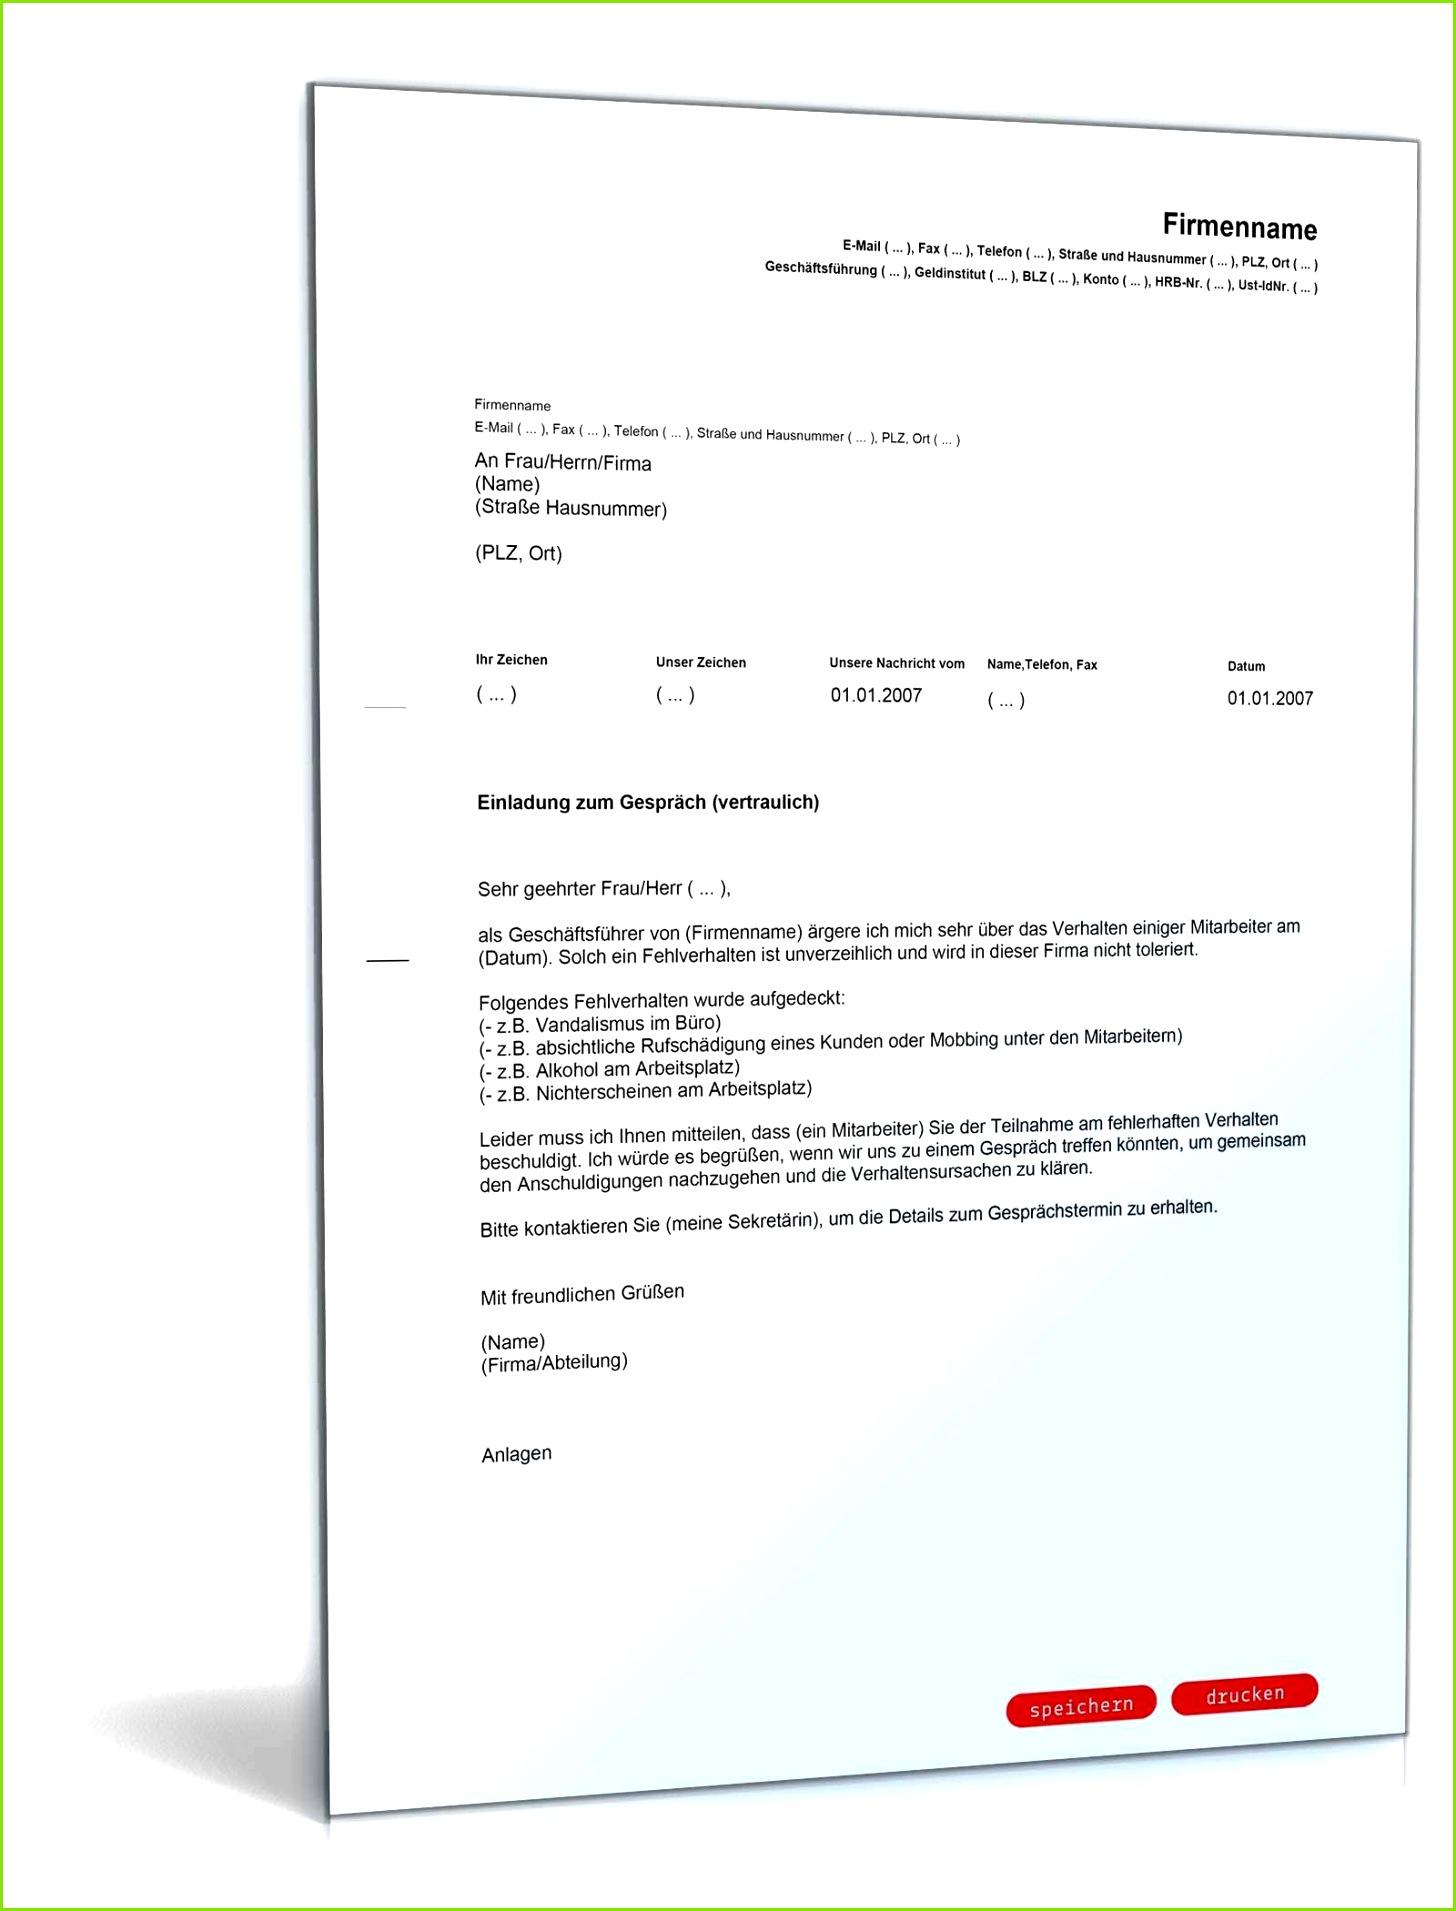 Mitarbeitergespräch Vorlage Word Fabelhaft Einladung Vertrauliches über Einladung Personalgespräch Muster